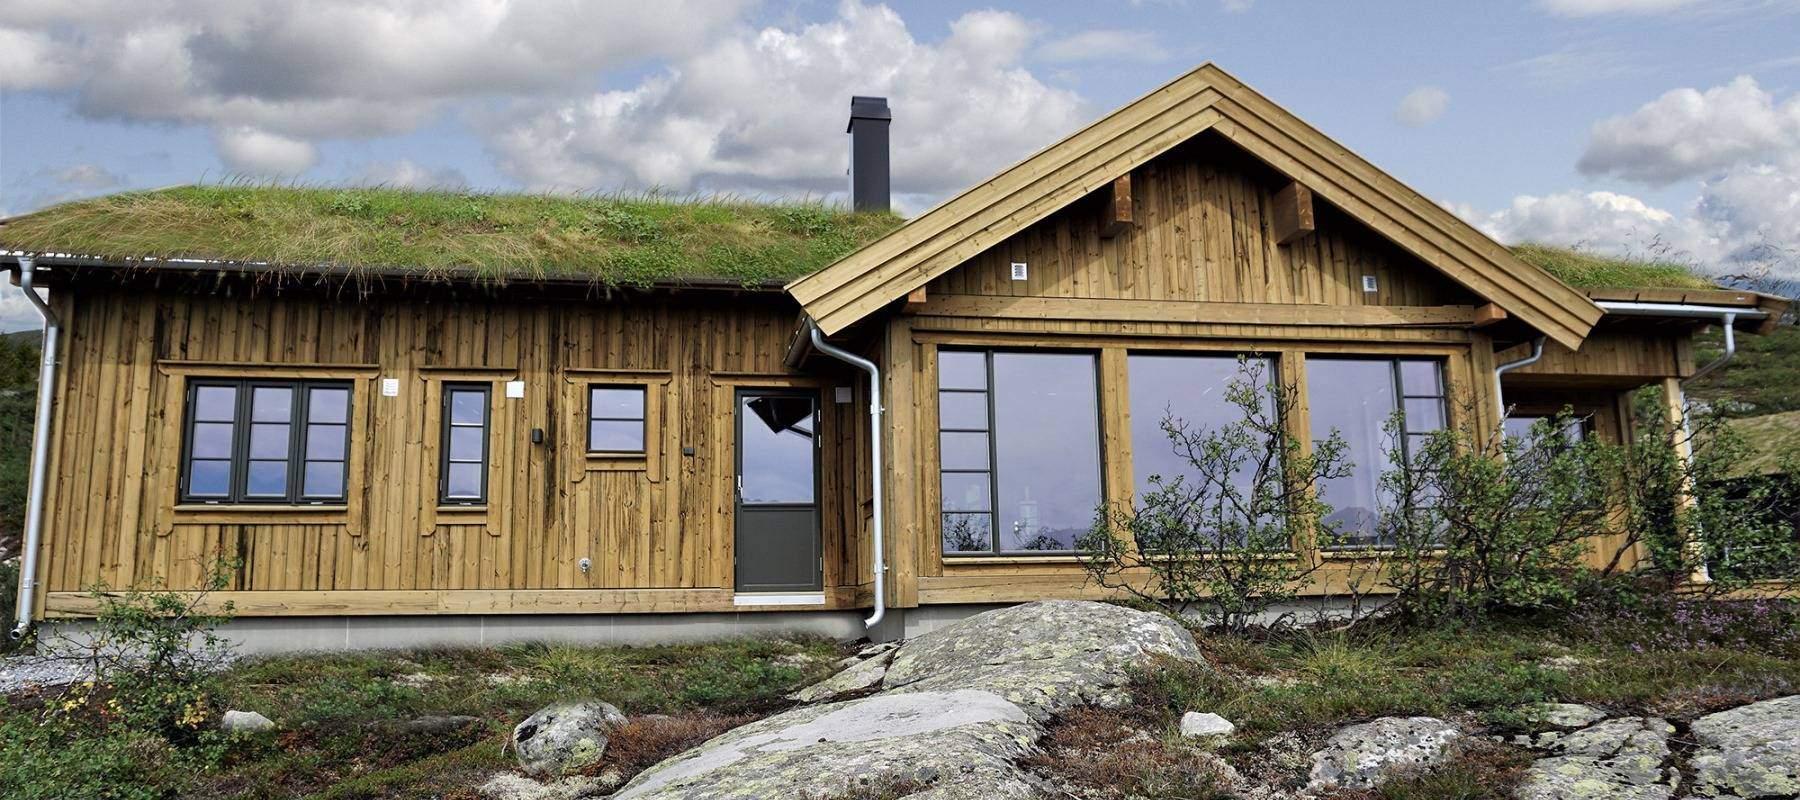 30 Hyttemodell Høgevarde 127. Soverom, bad og badstue med vindu mot utsikten